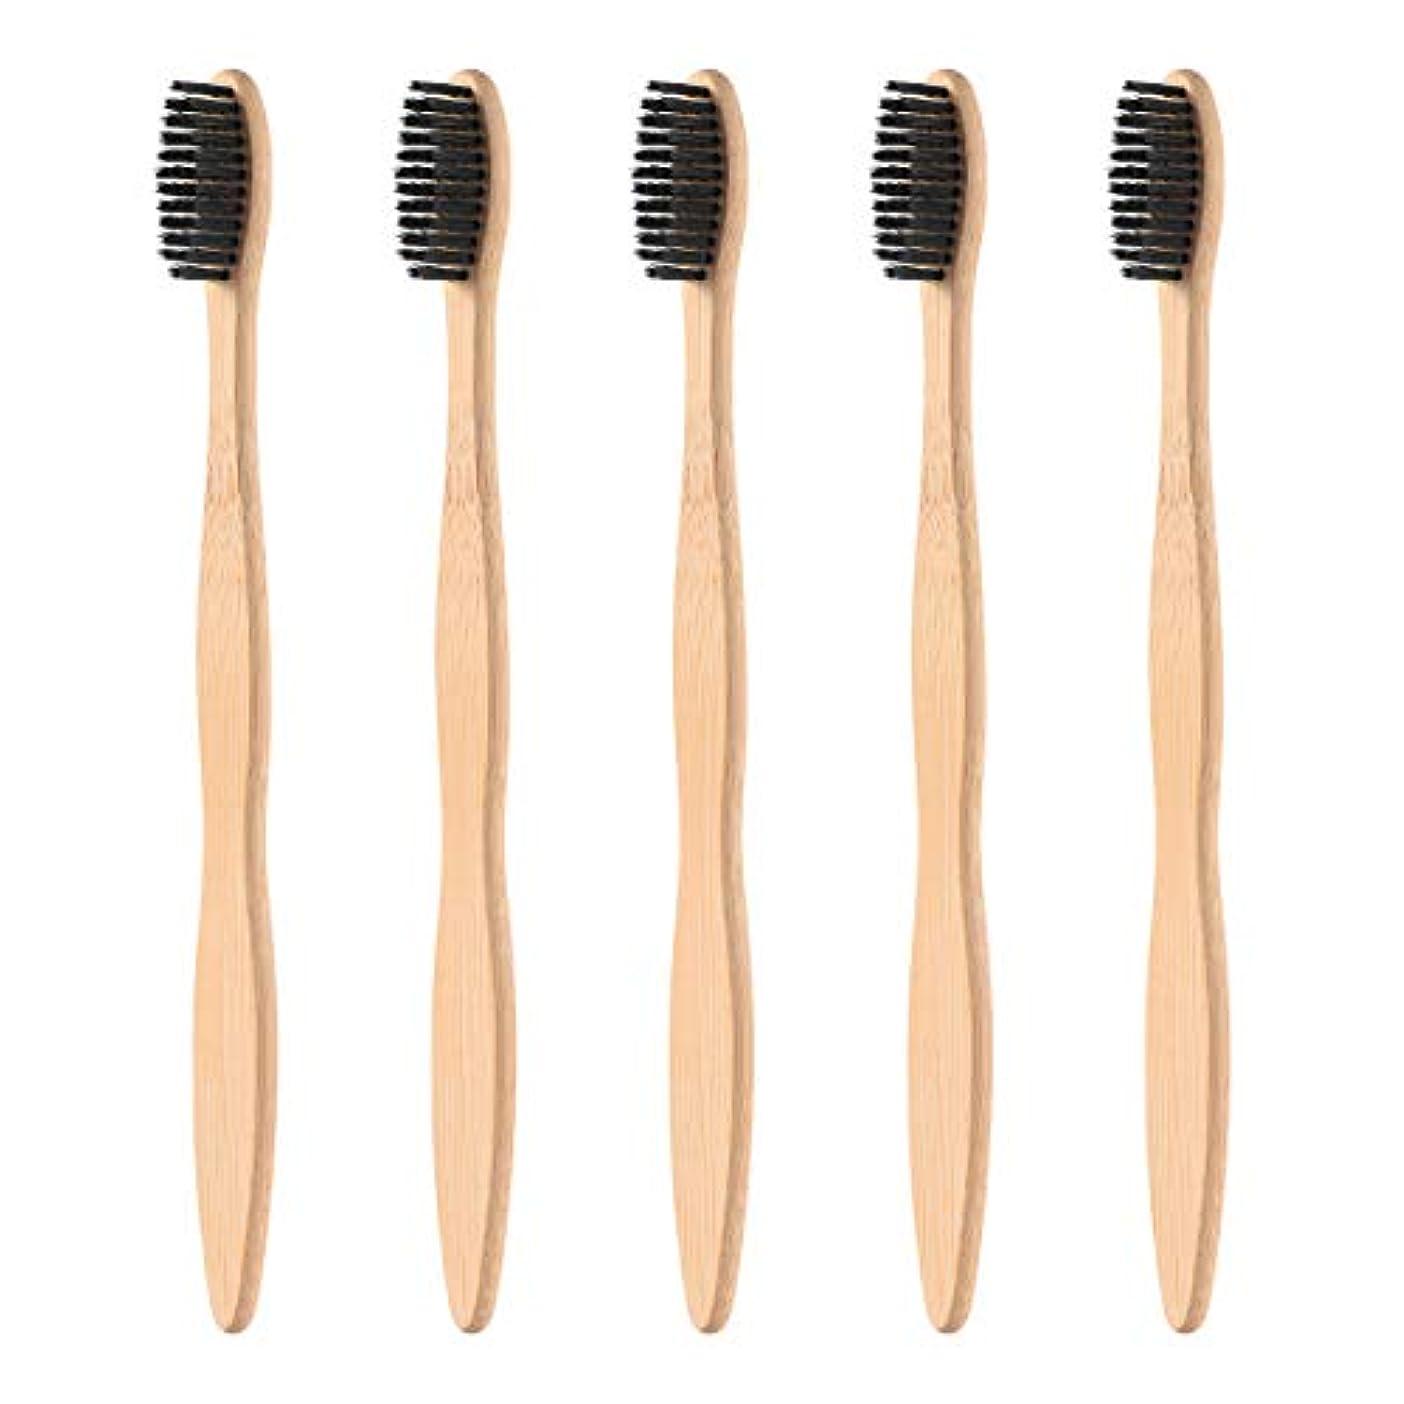 どきどきスリンクブッシュHealifty 柔らかい黒い剛毛が付いている5pcsタケハンドルの歯ブラシの自然な木のEcoの友好的な歯ブラシ